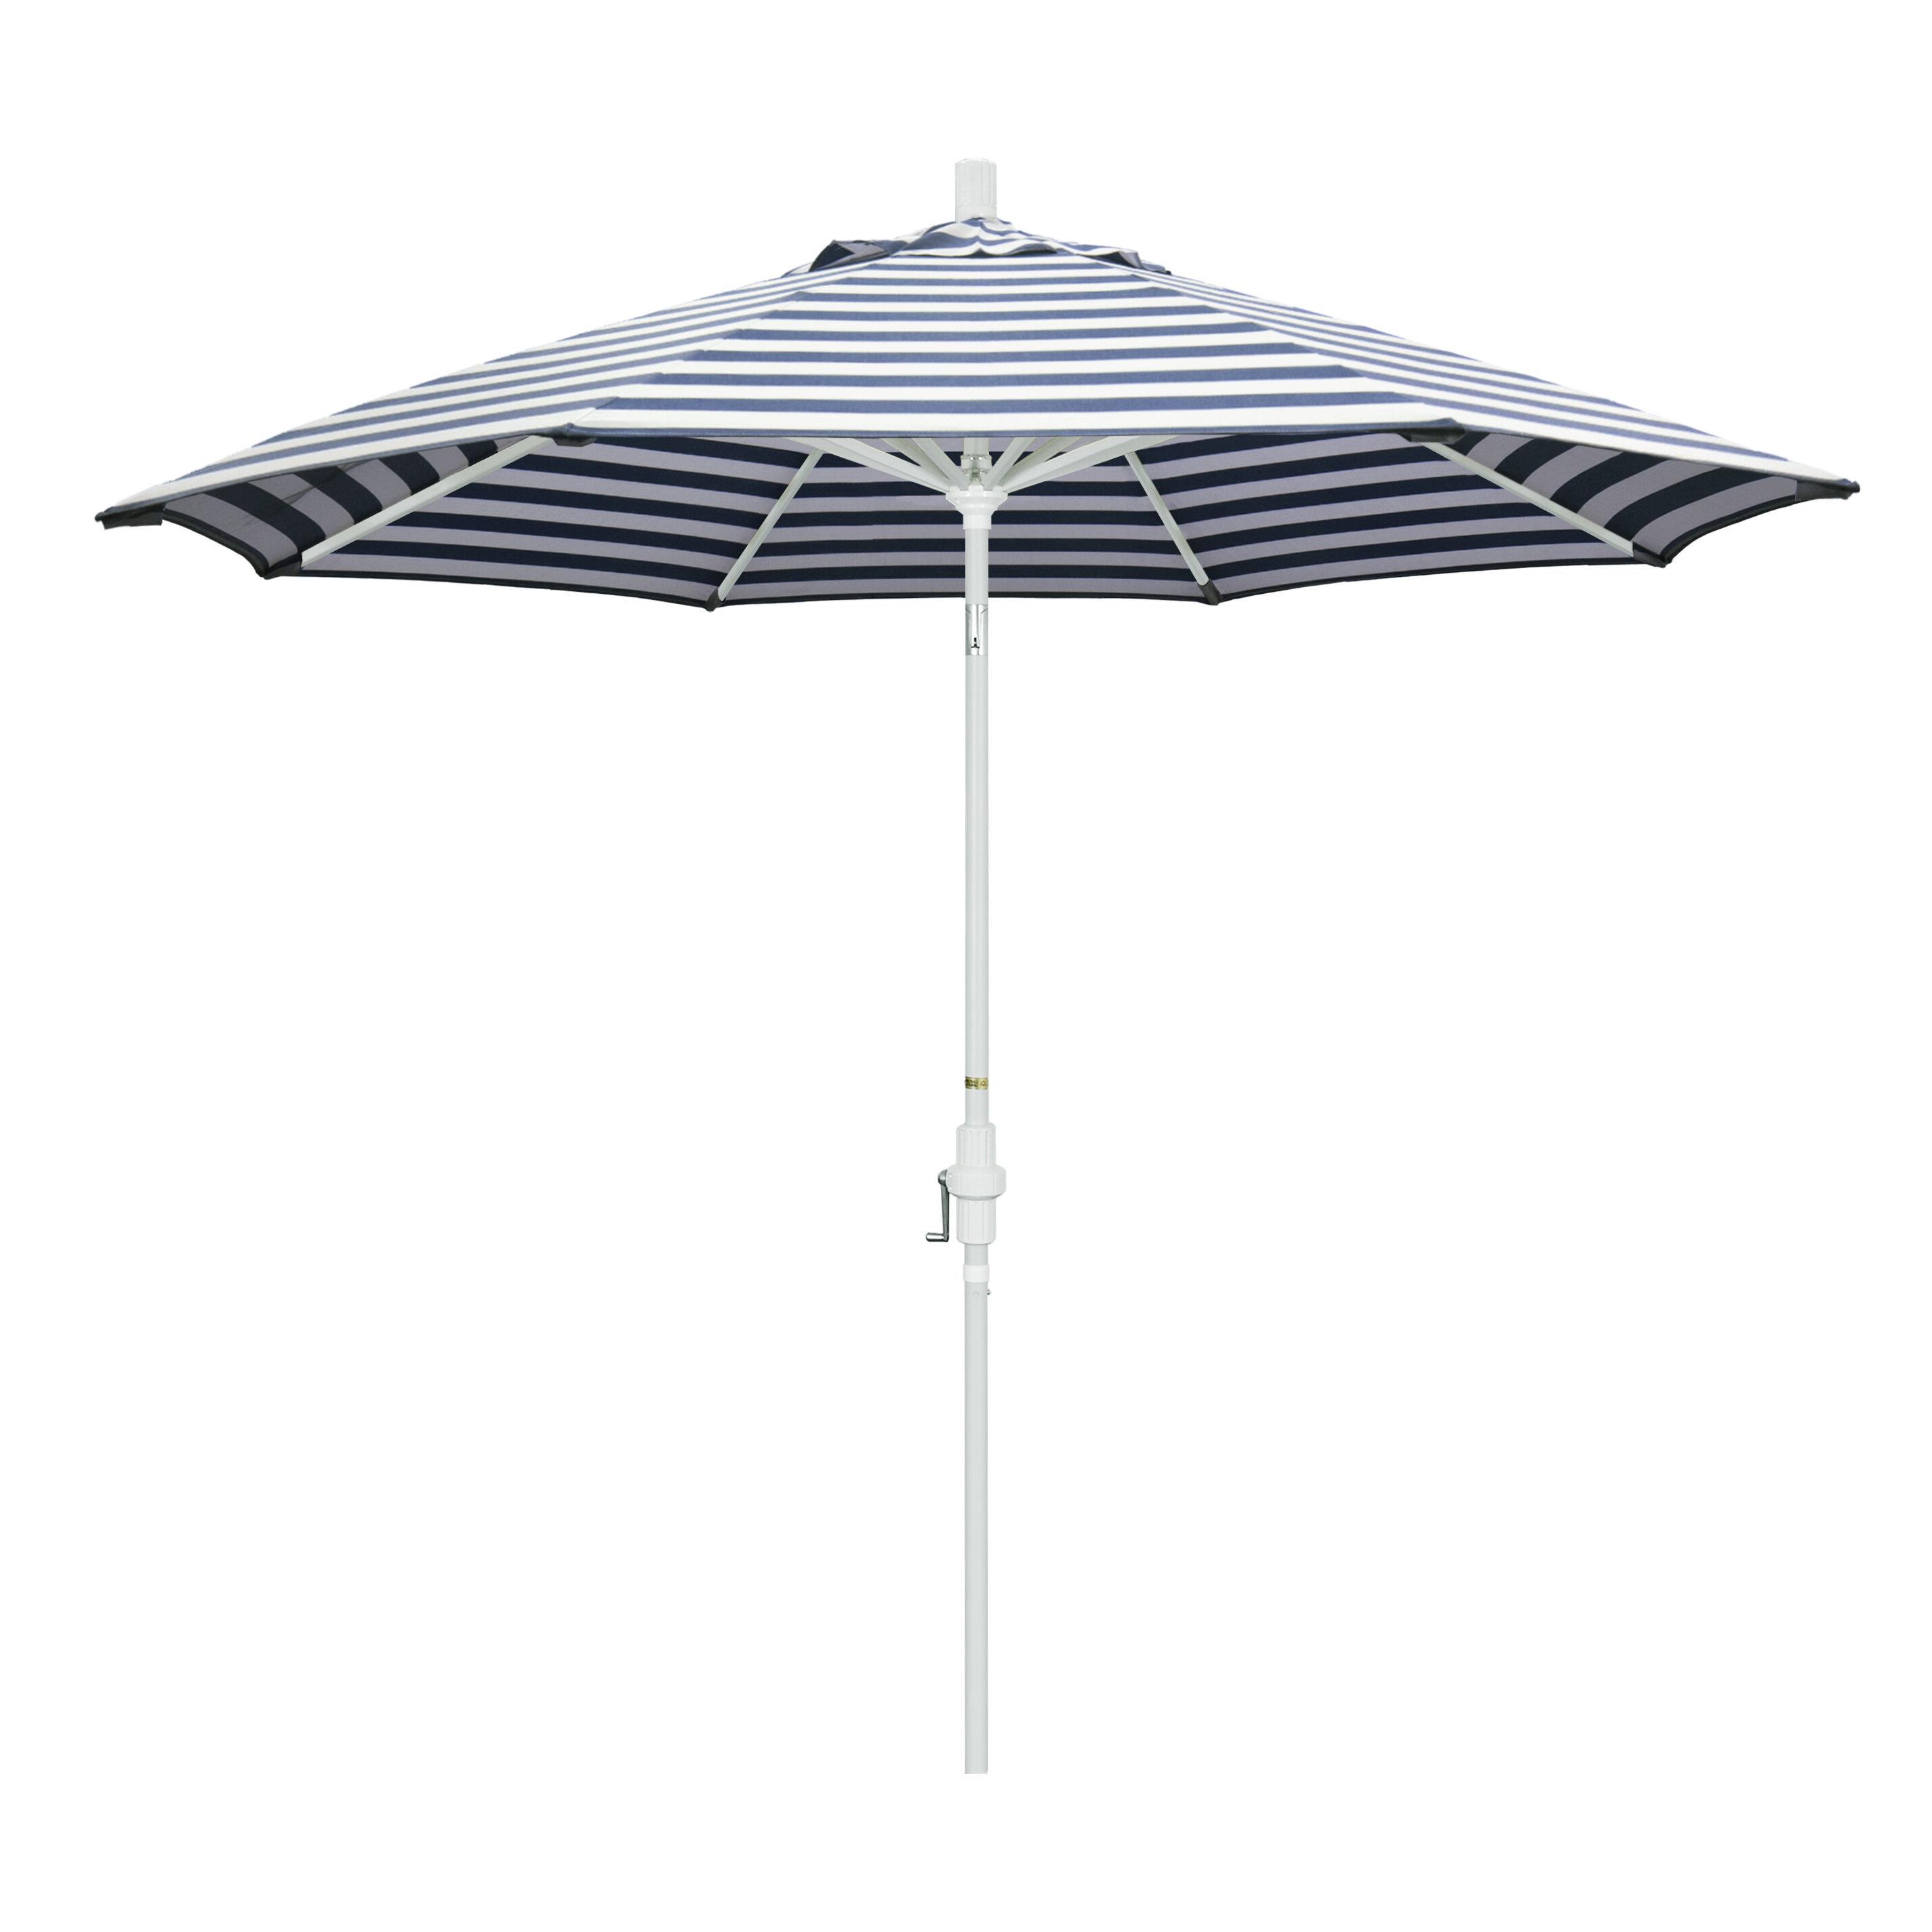 9' Market Umbrella Regarding Most Recent Belles Market Umbrellas (View 4 of 20)